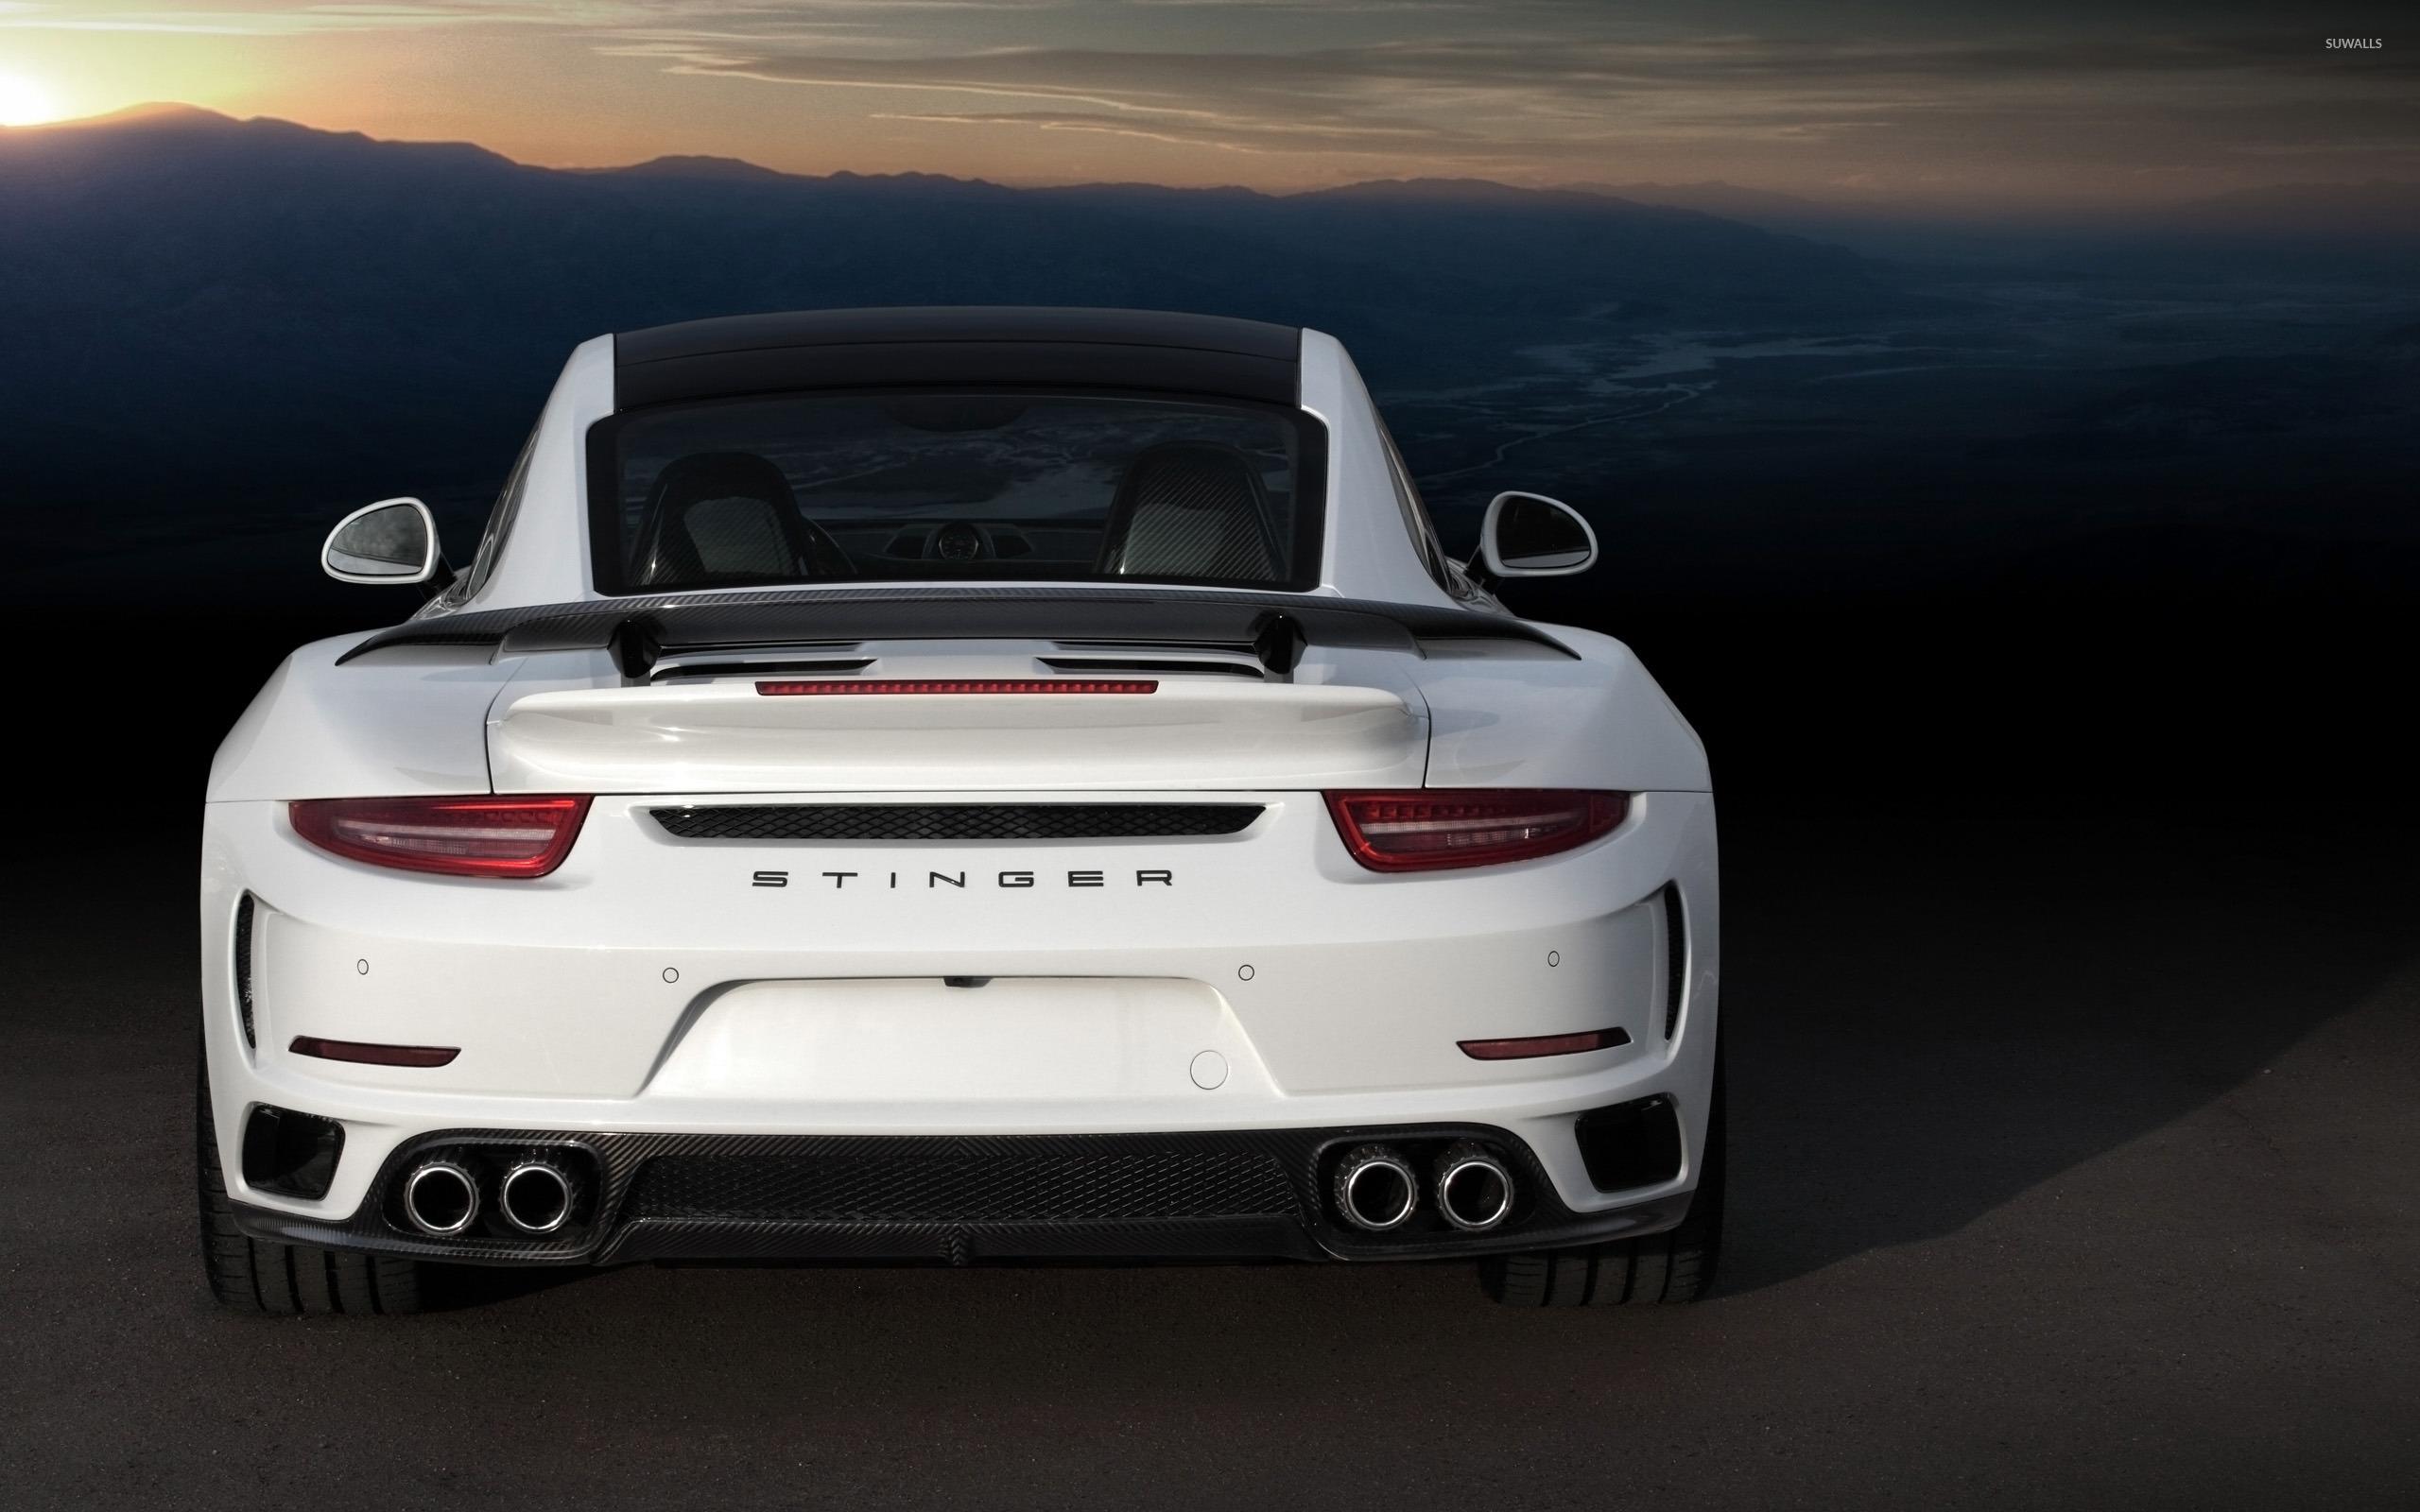 Stinger Porsche 991 7 Wallpaper Car Wallpapers 47036